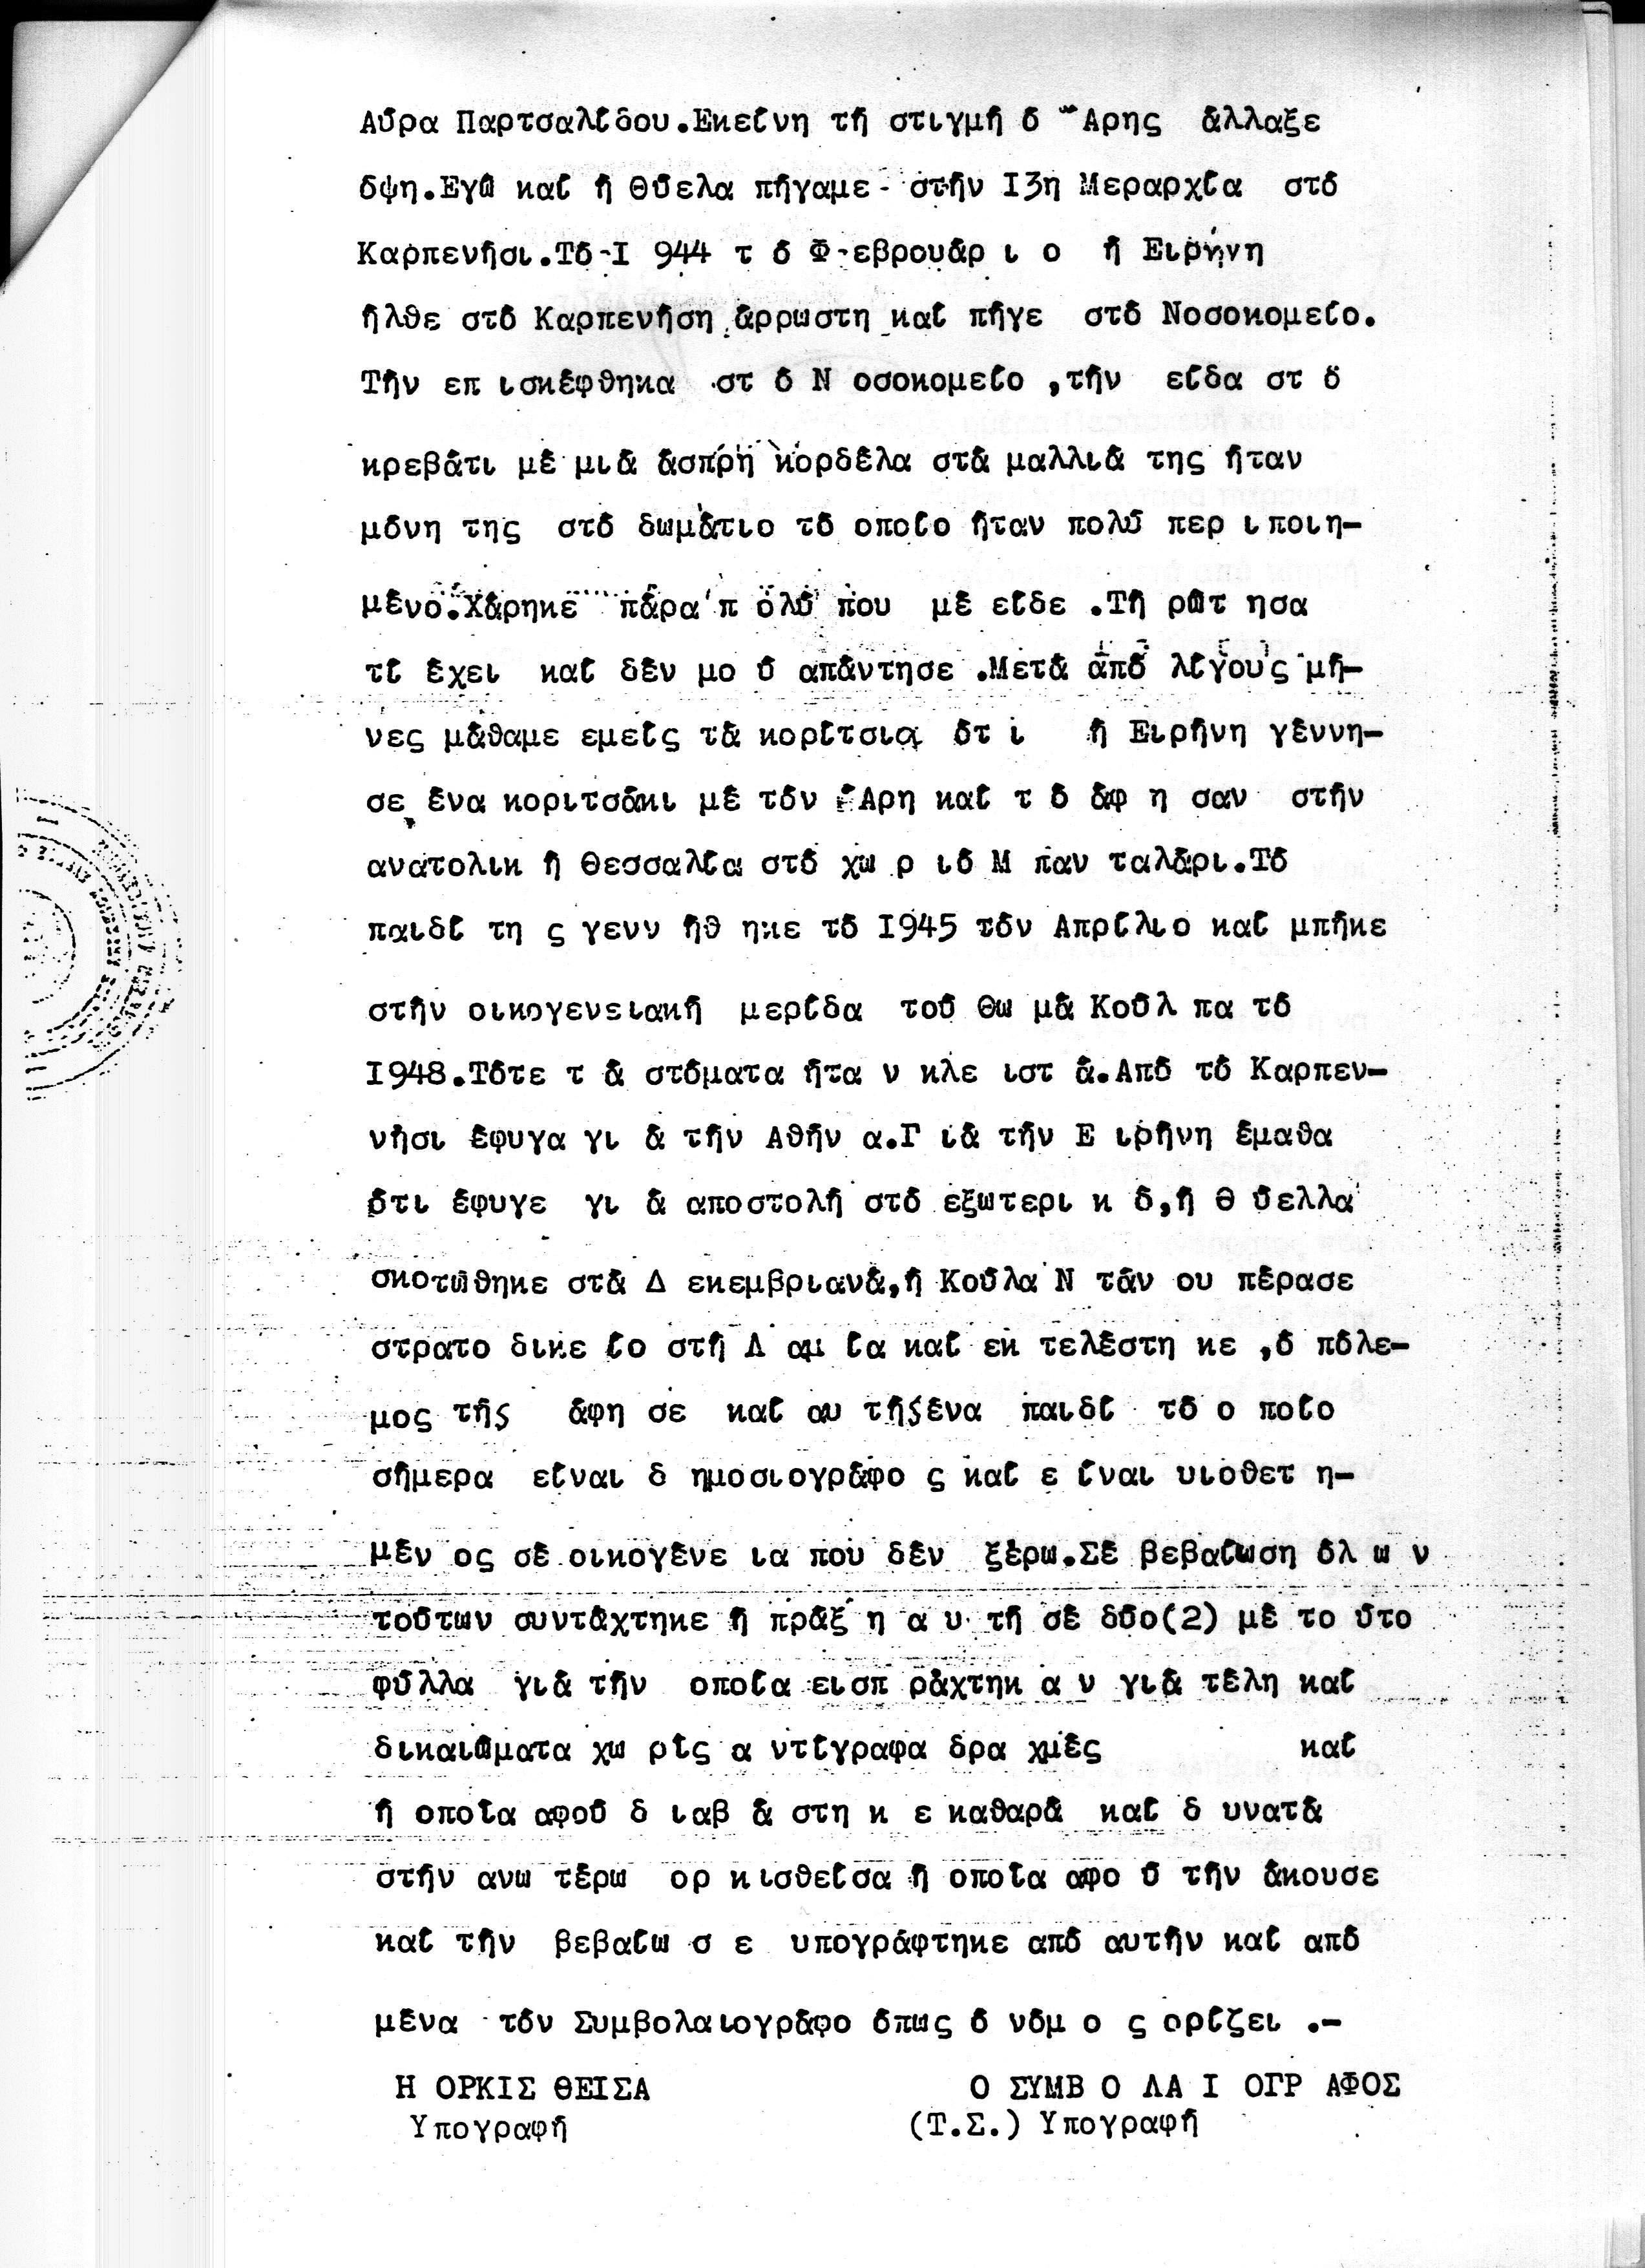 Ένορκη Βεβάιωση Ντίνας Στεφανή 2827/2000 σελ 3